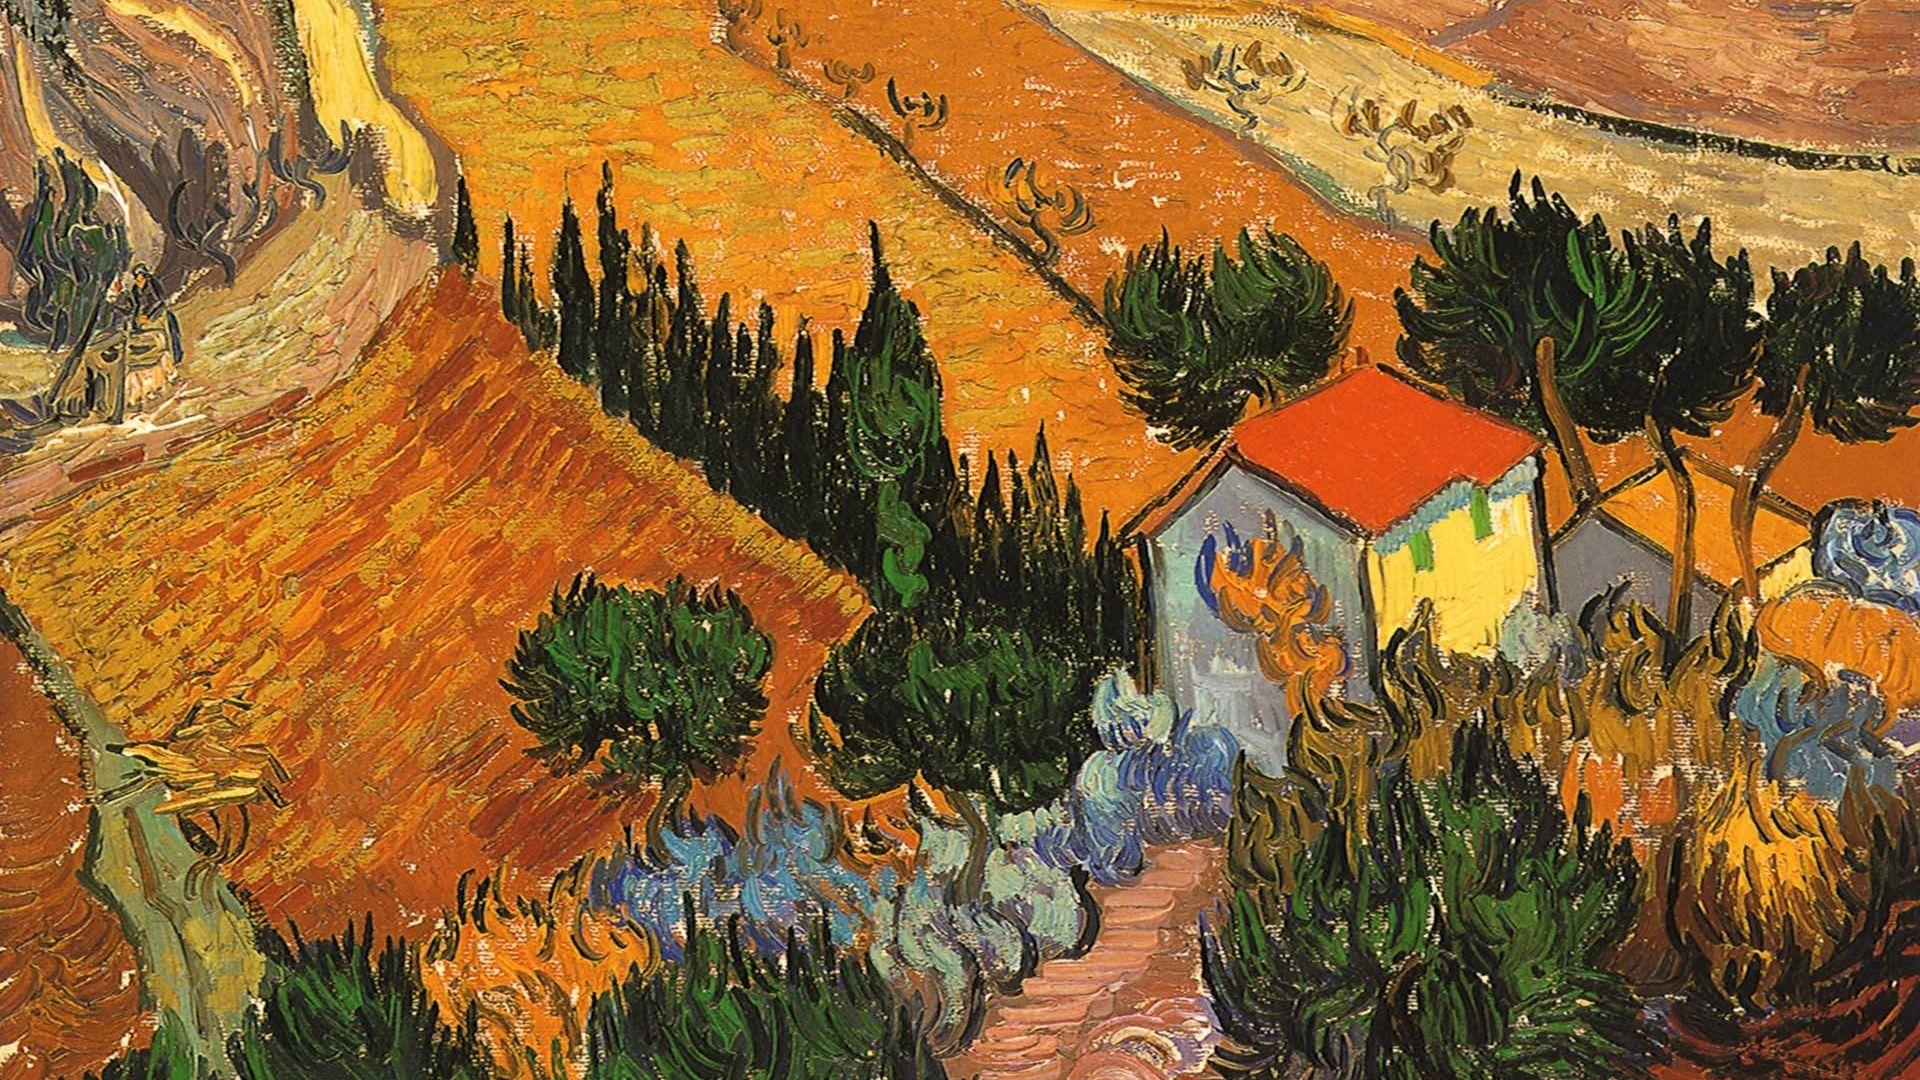 Paintings, Ploughman, House, Landscape, Artwork, Vincent Van Gogh, Postimpr